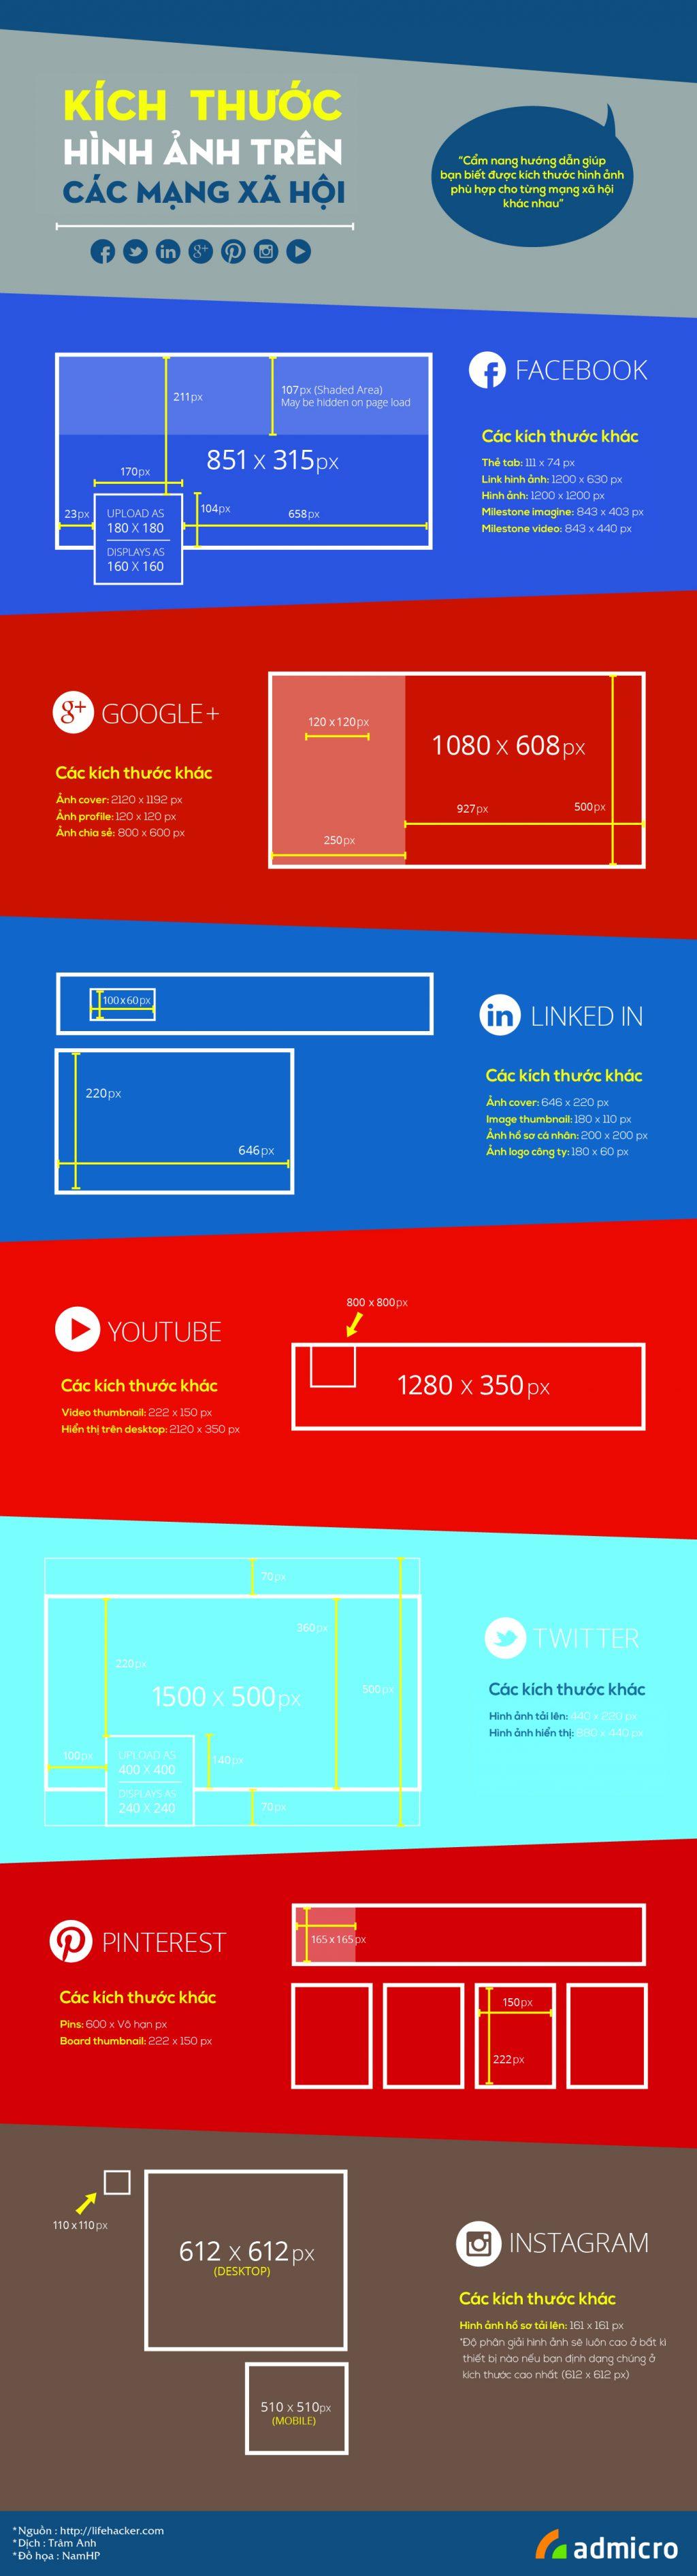 kích thước ảnh các trang mạng xã hội phổ biến